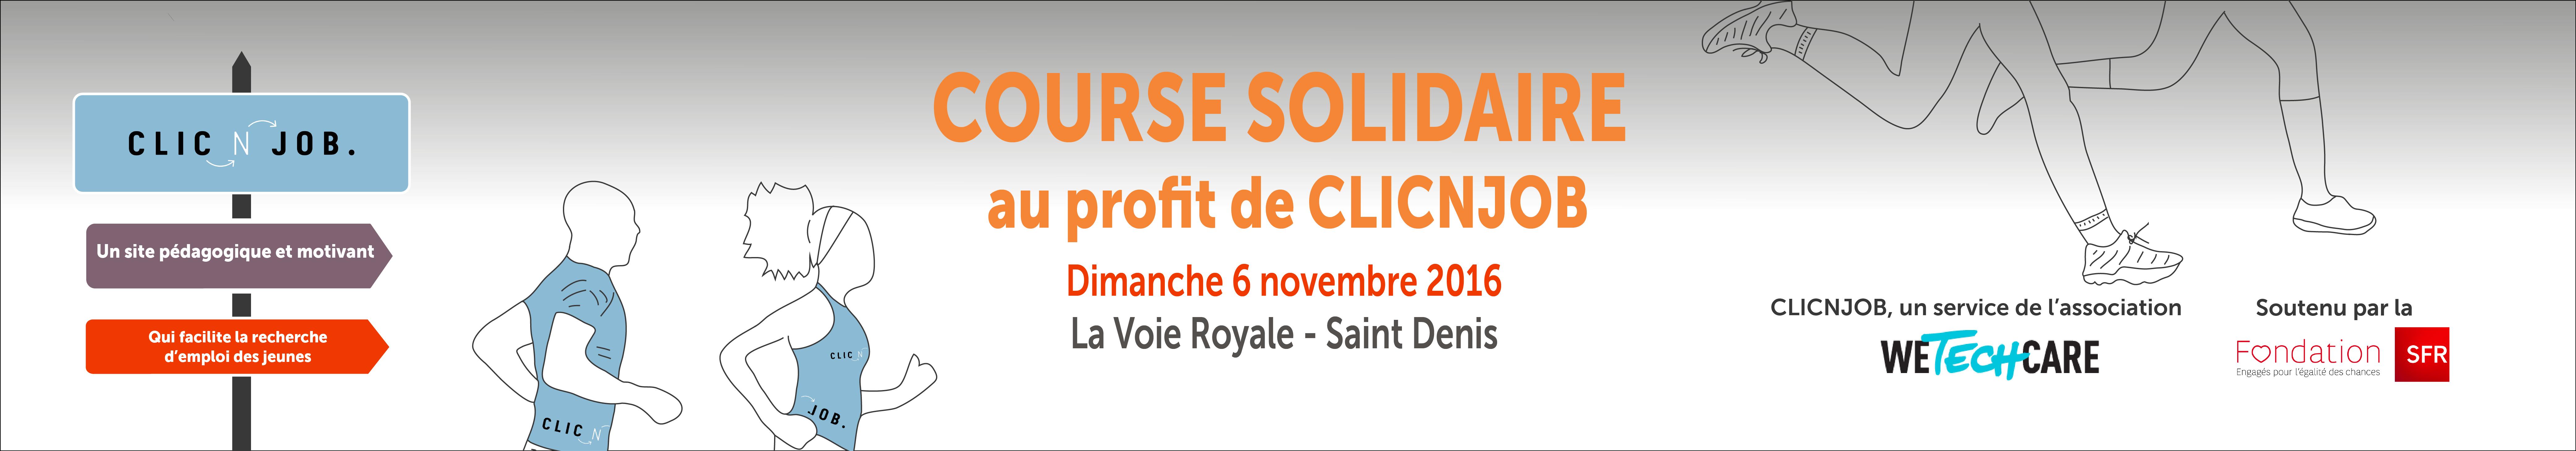 Soutenez-moi lors de la Course Solidaire pour CLICNJOB ! - WeTechCare